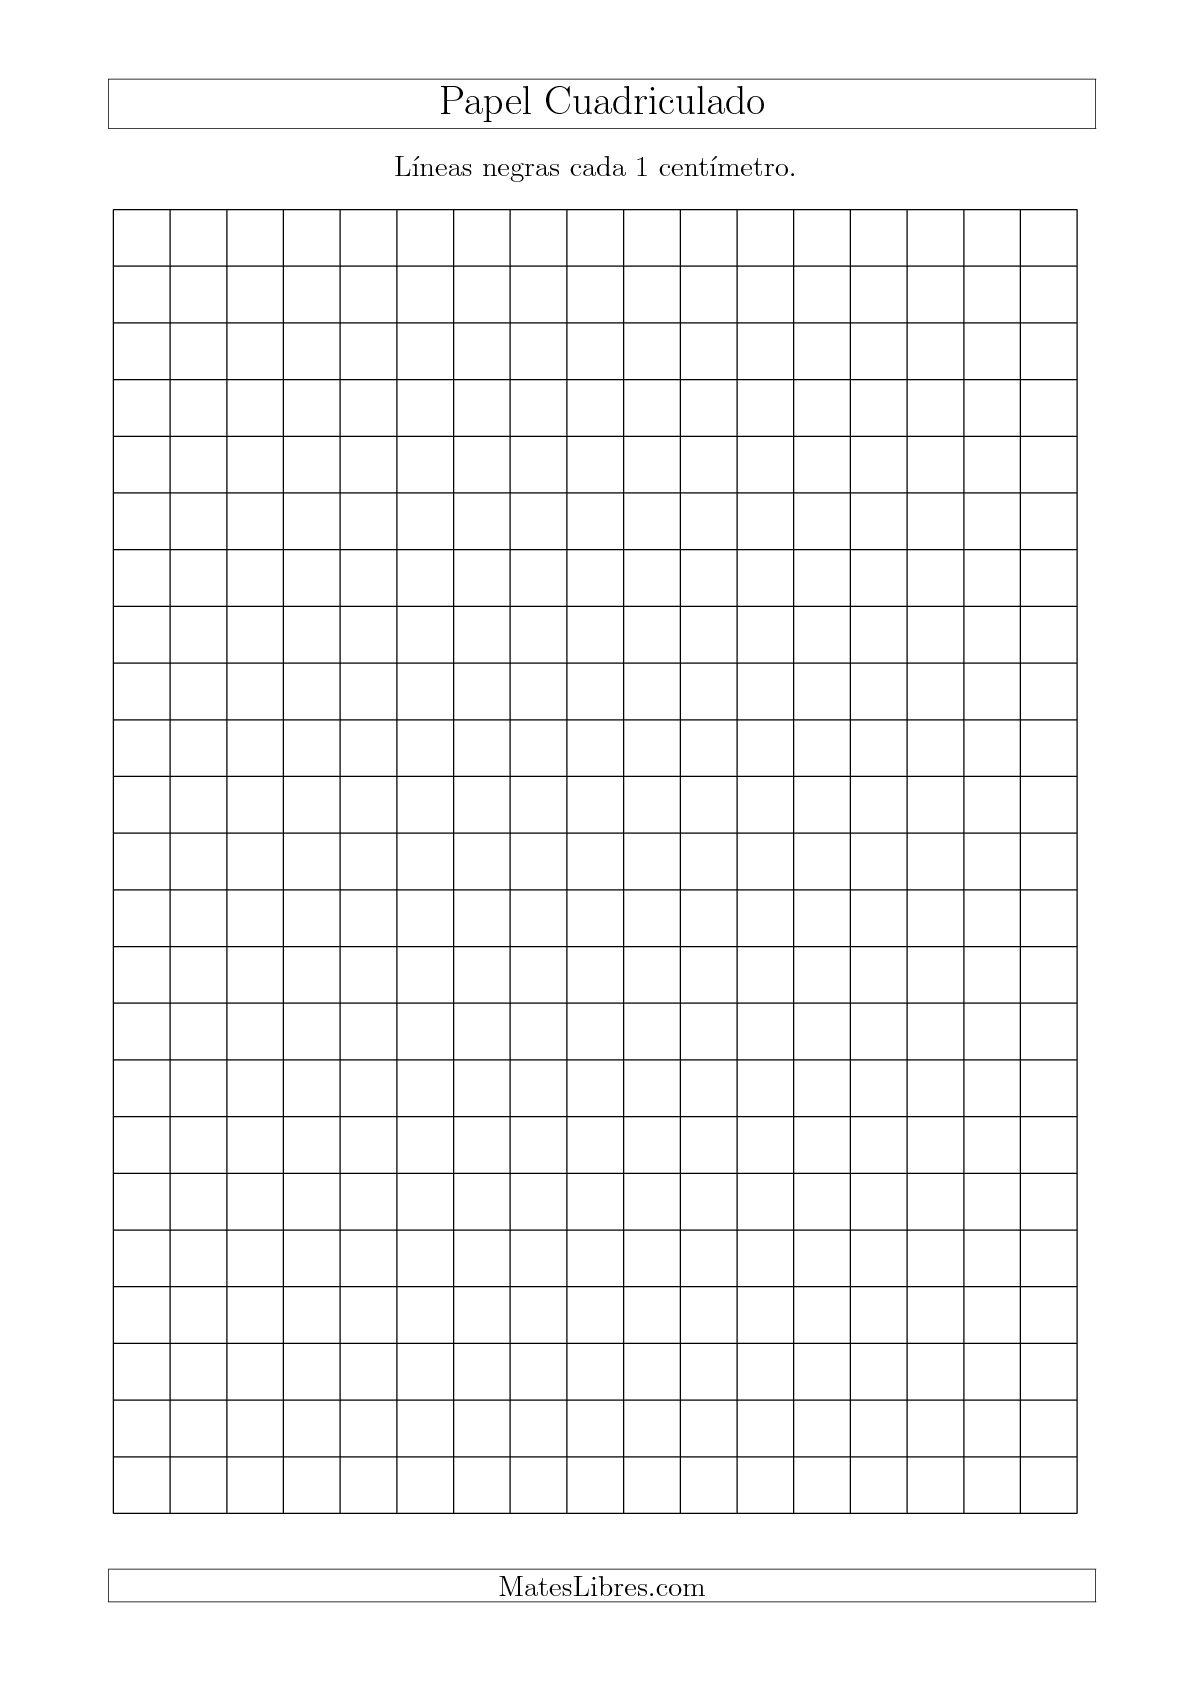 La Papel Cuadriculado de Líneas Negras cada 1cm, Tamaño de Papel A4 Hojas de Papel Cuadriculado